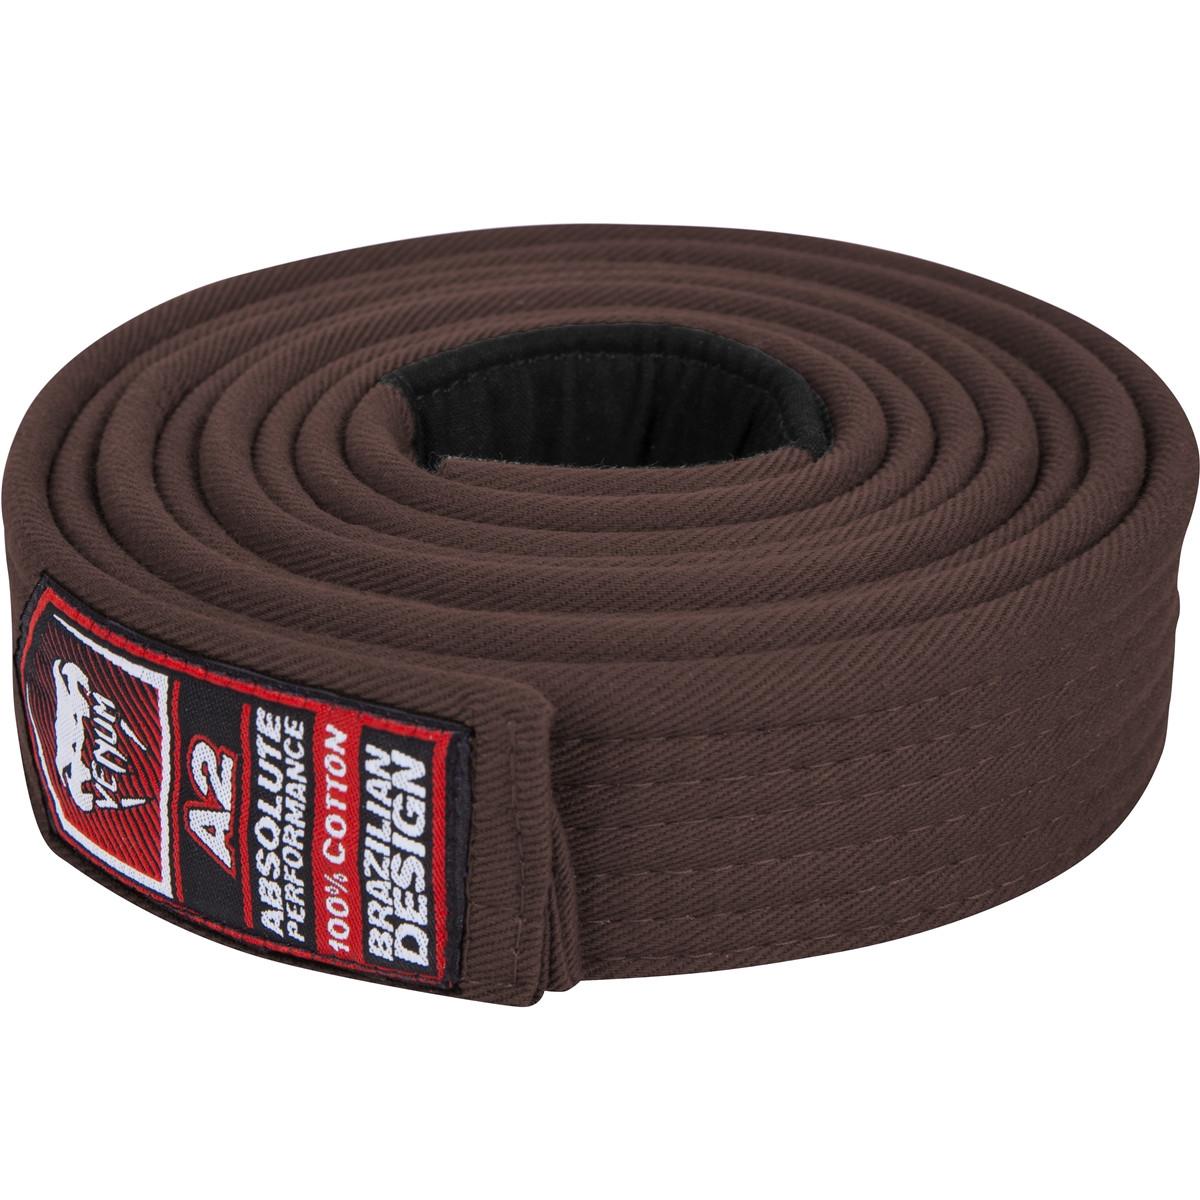 Venum Brazilian Jiu Jitsu Brown belt , All Belt colors at www.thejiujitsushop.com   Enjoy Free shipping on Venum BJJ Belts today from The Jiu Jitsu Shop